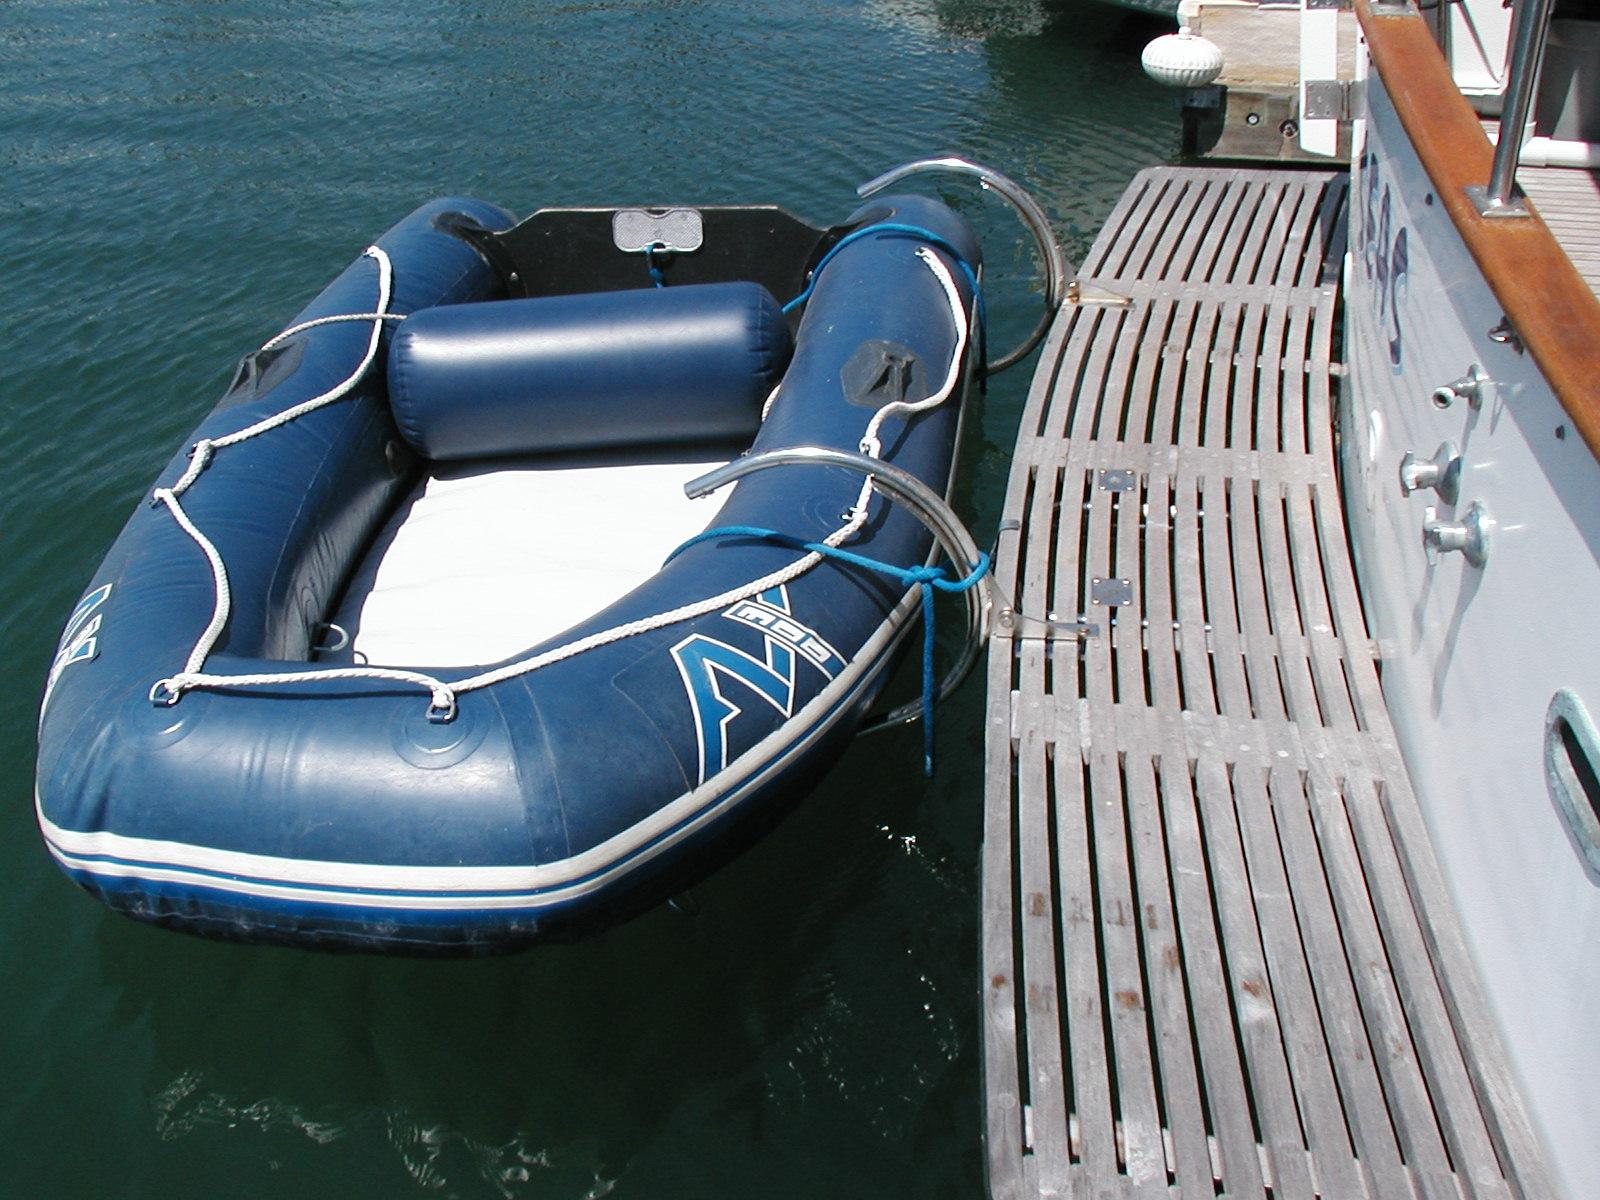 Pivoting dinghy davit system